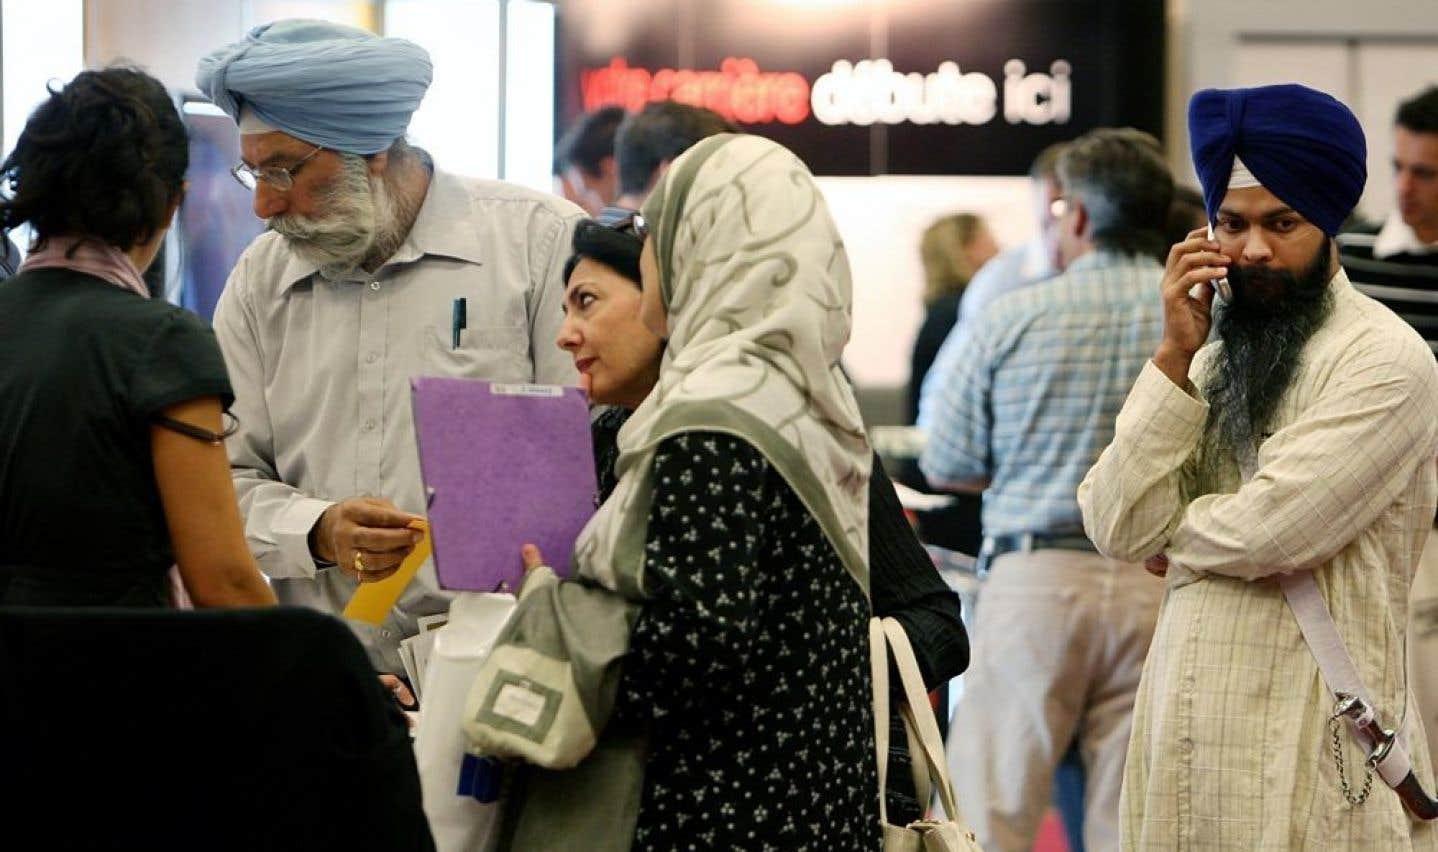 Le défi de la francisation: un immigrant sur 5 au Québec ne parle pas français